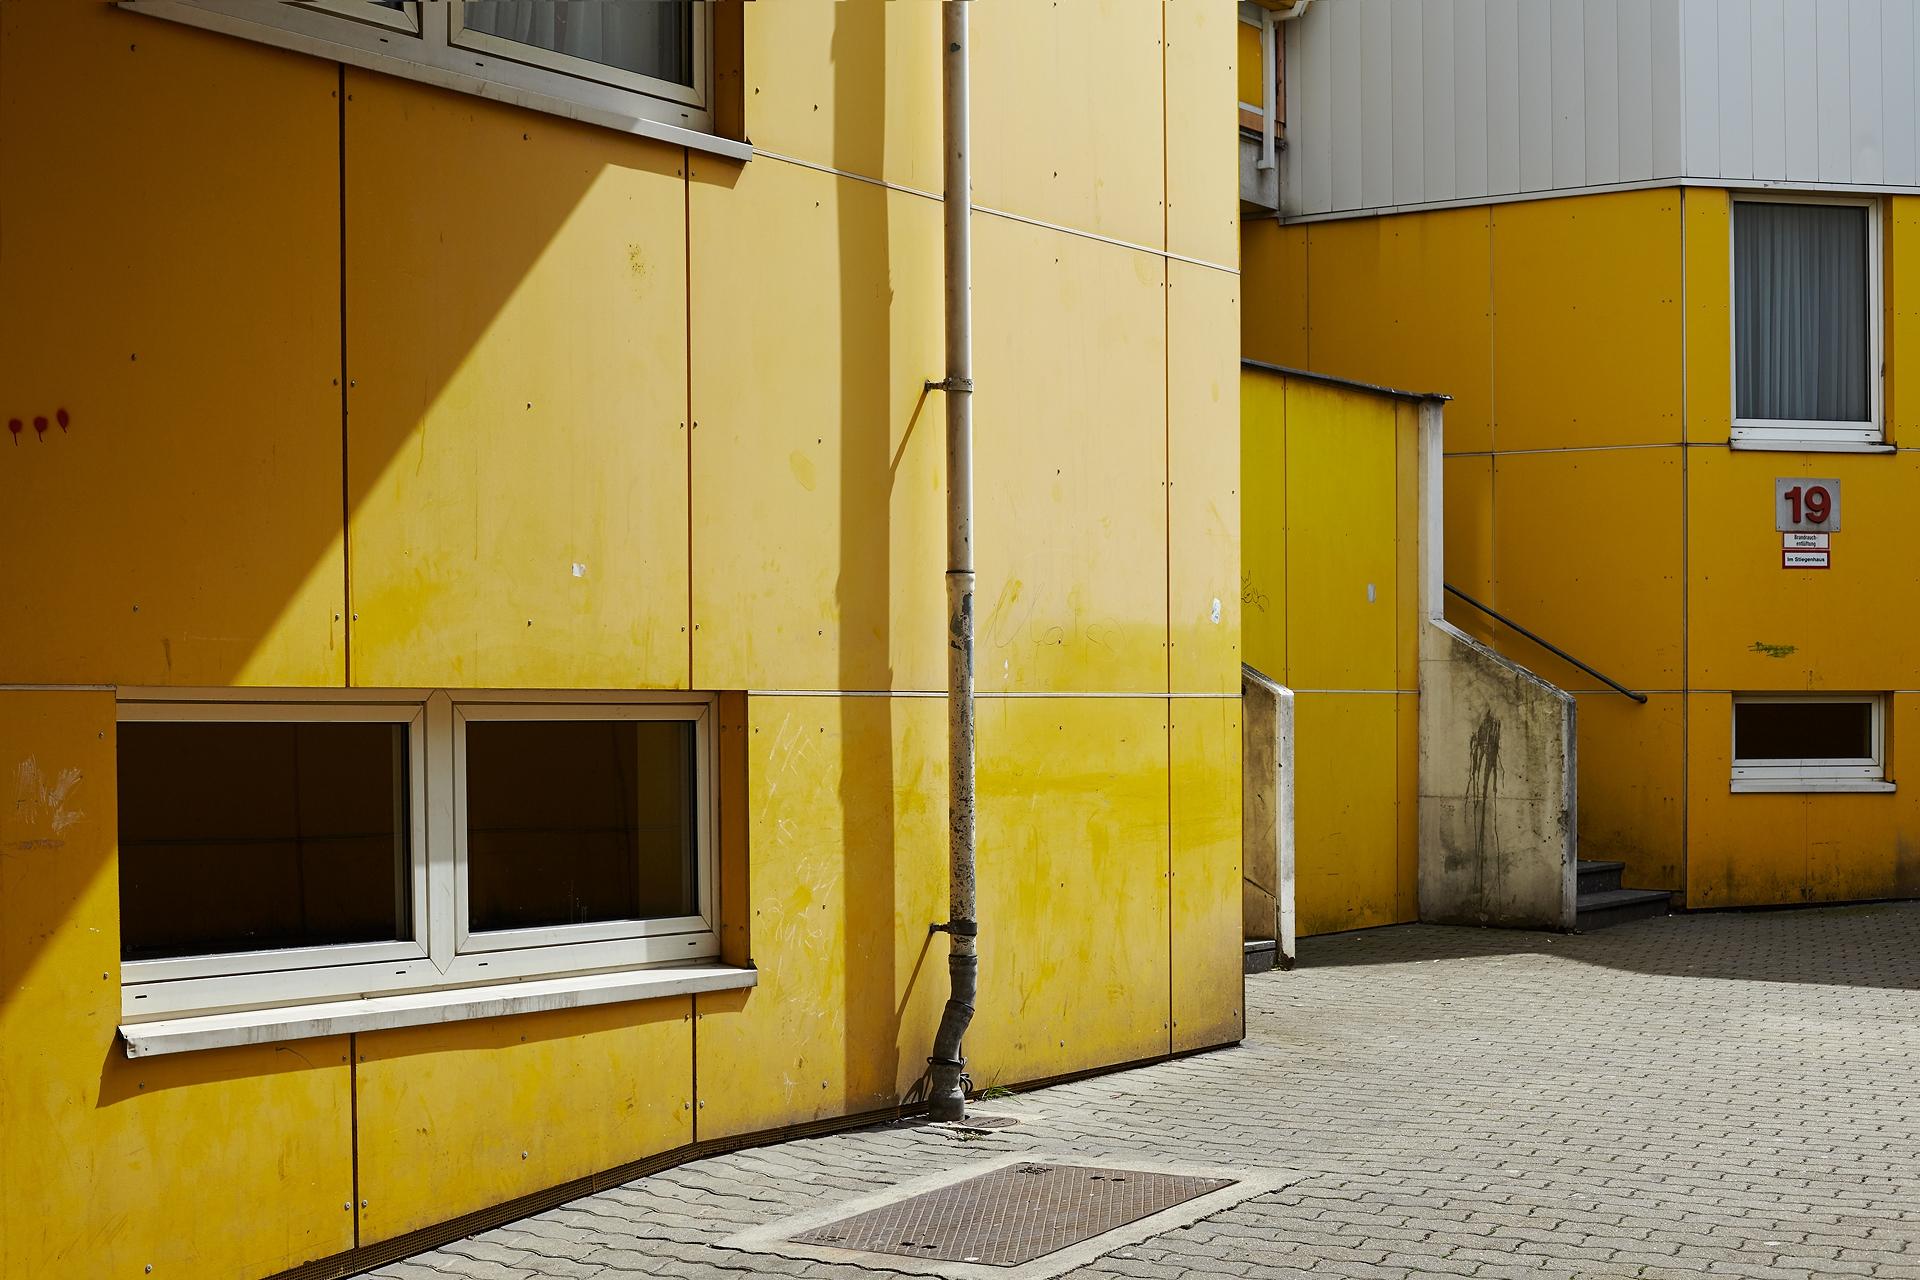 lukasgaechter.com Kreta – Ankergründe